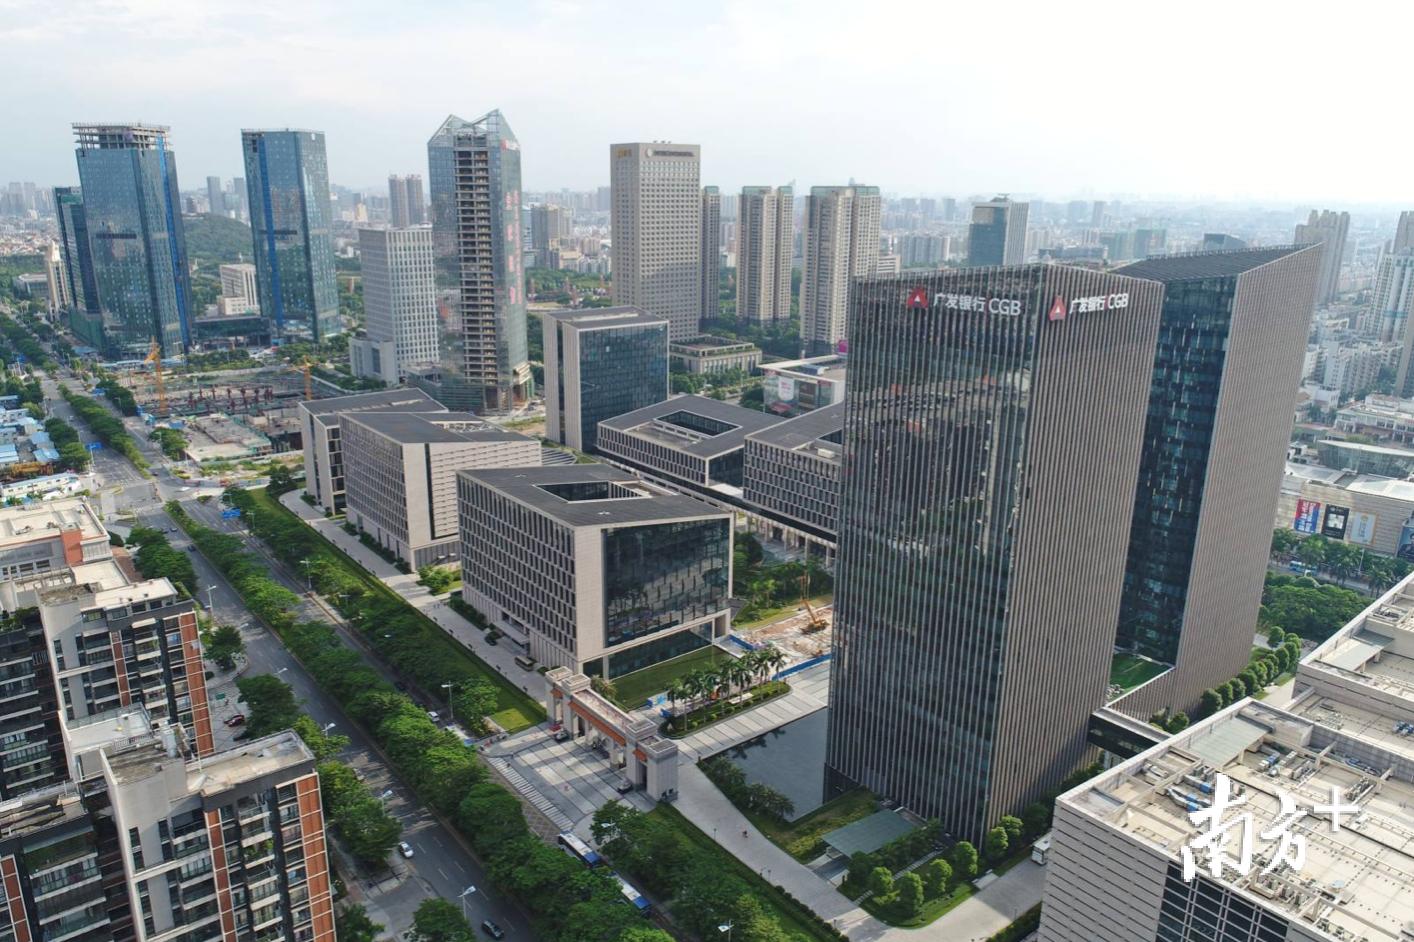 广东金融高新区。戴嘉信摄